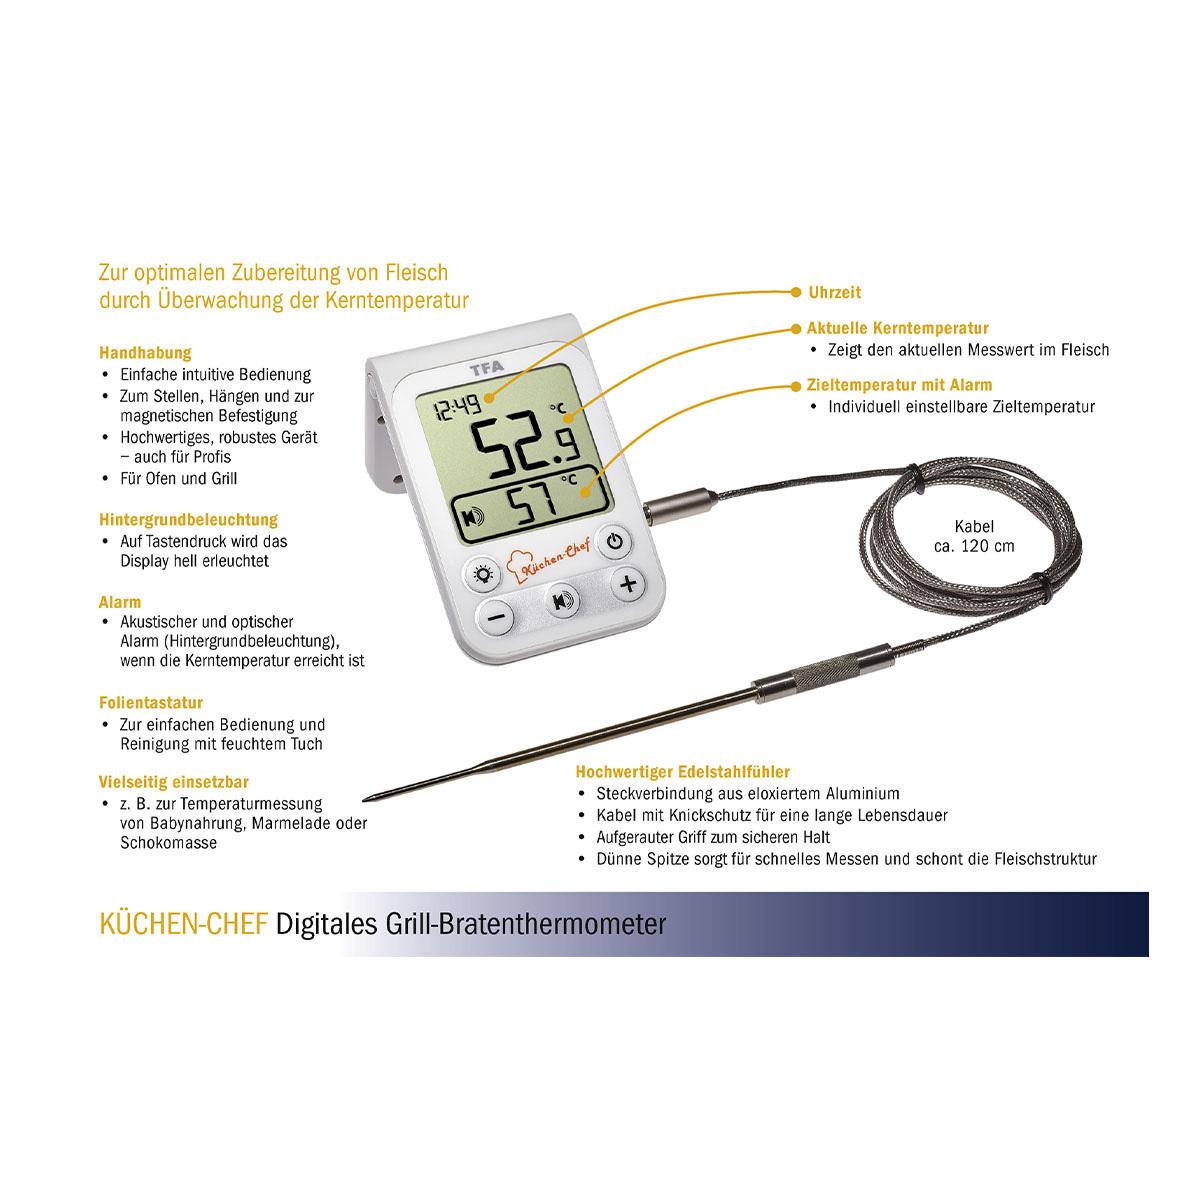 14-1510-02-digitales-grill-bratenthermometer-küchen-chef-vorteile1-1200x1200px.jpg